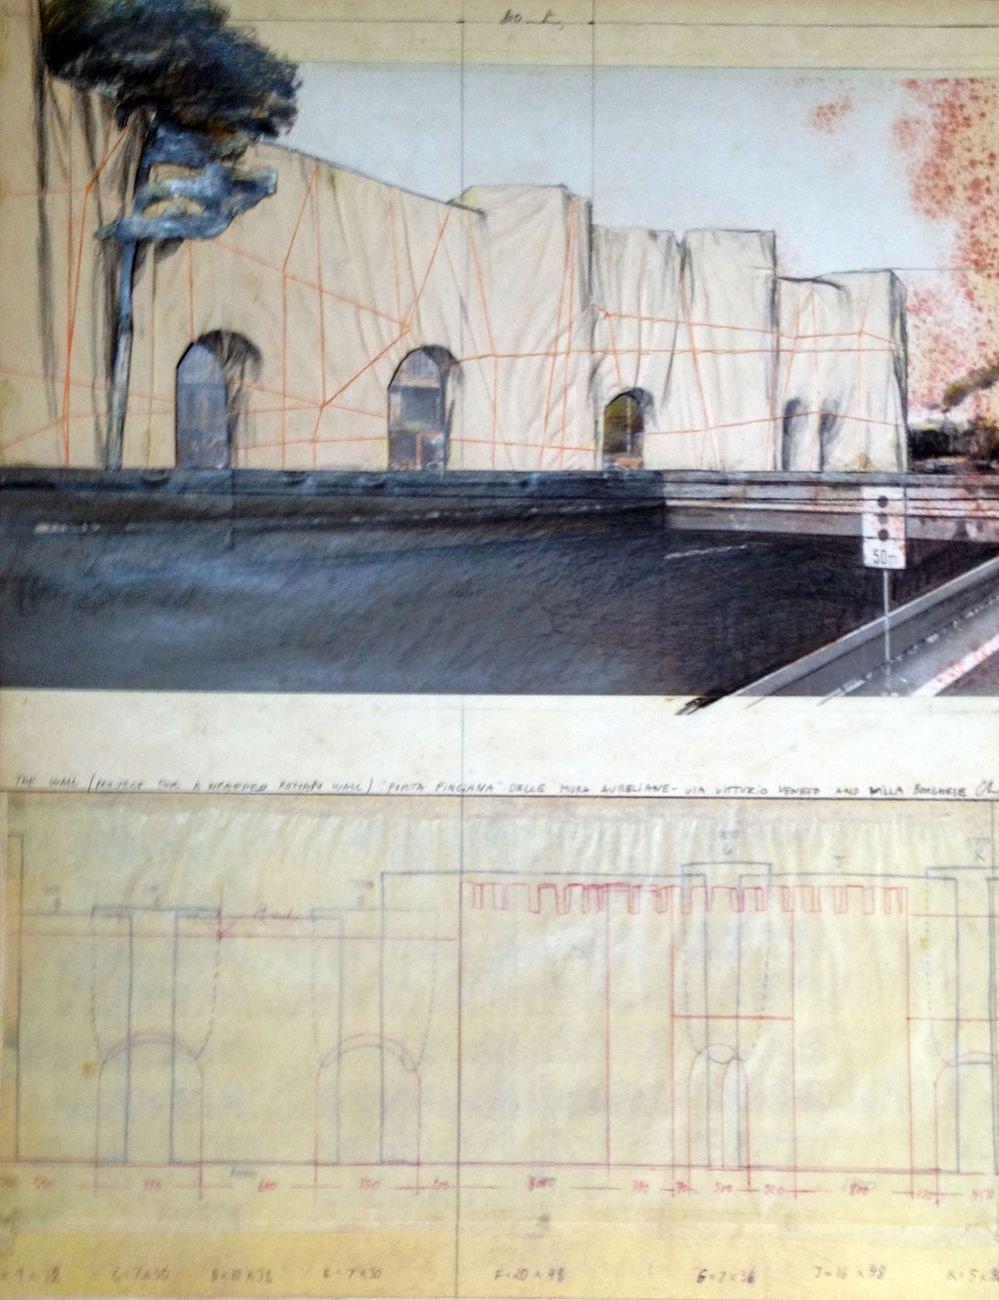 Christo, The Wall (Project for a Wrapped Roman Wall) Porta Pinciana, 1974, tecnica mista su cartone, 71x56 cm. Collezione Gori Fattoria di Celle, Pistoia